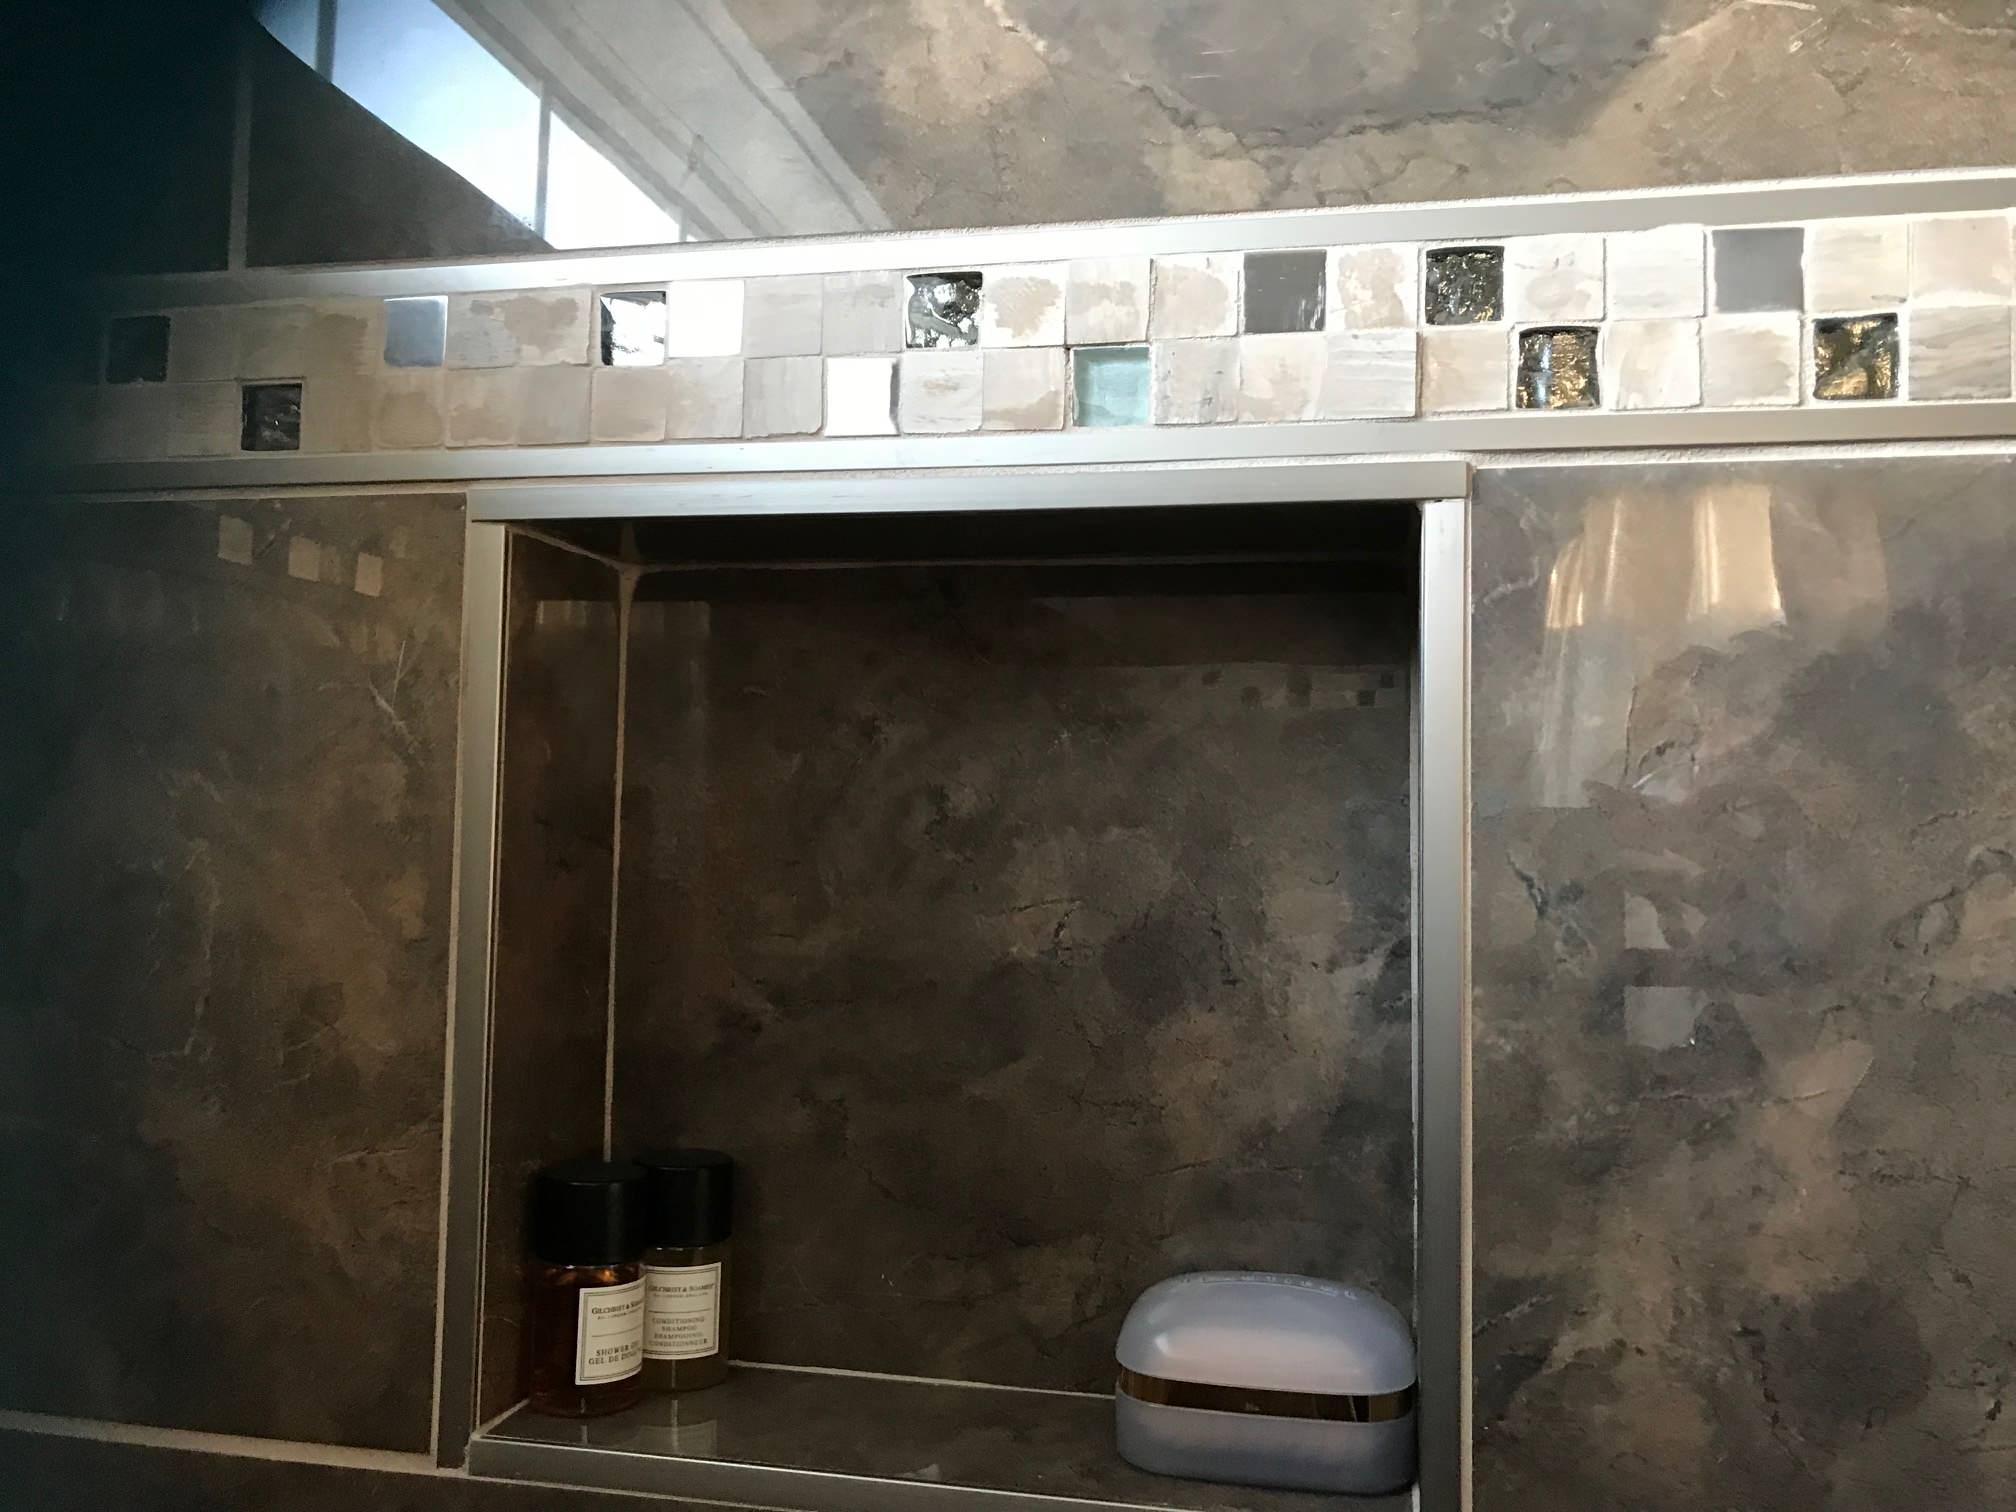 Custom  Ceramic Tile Tub Surround with Niche & inlaid tile design